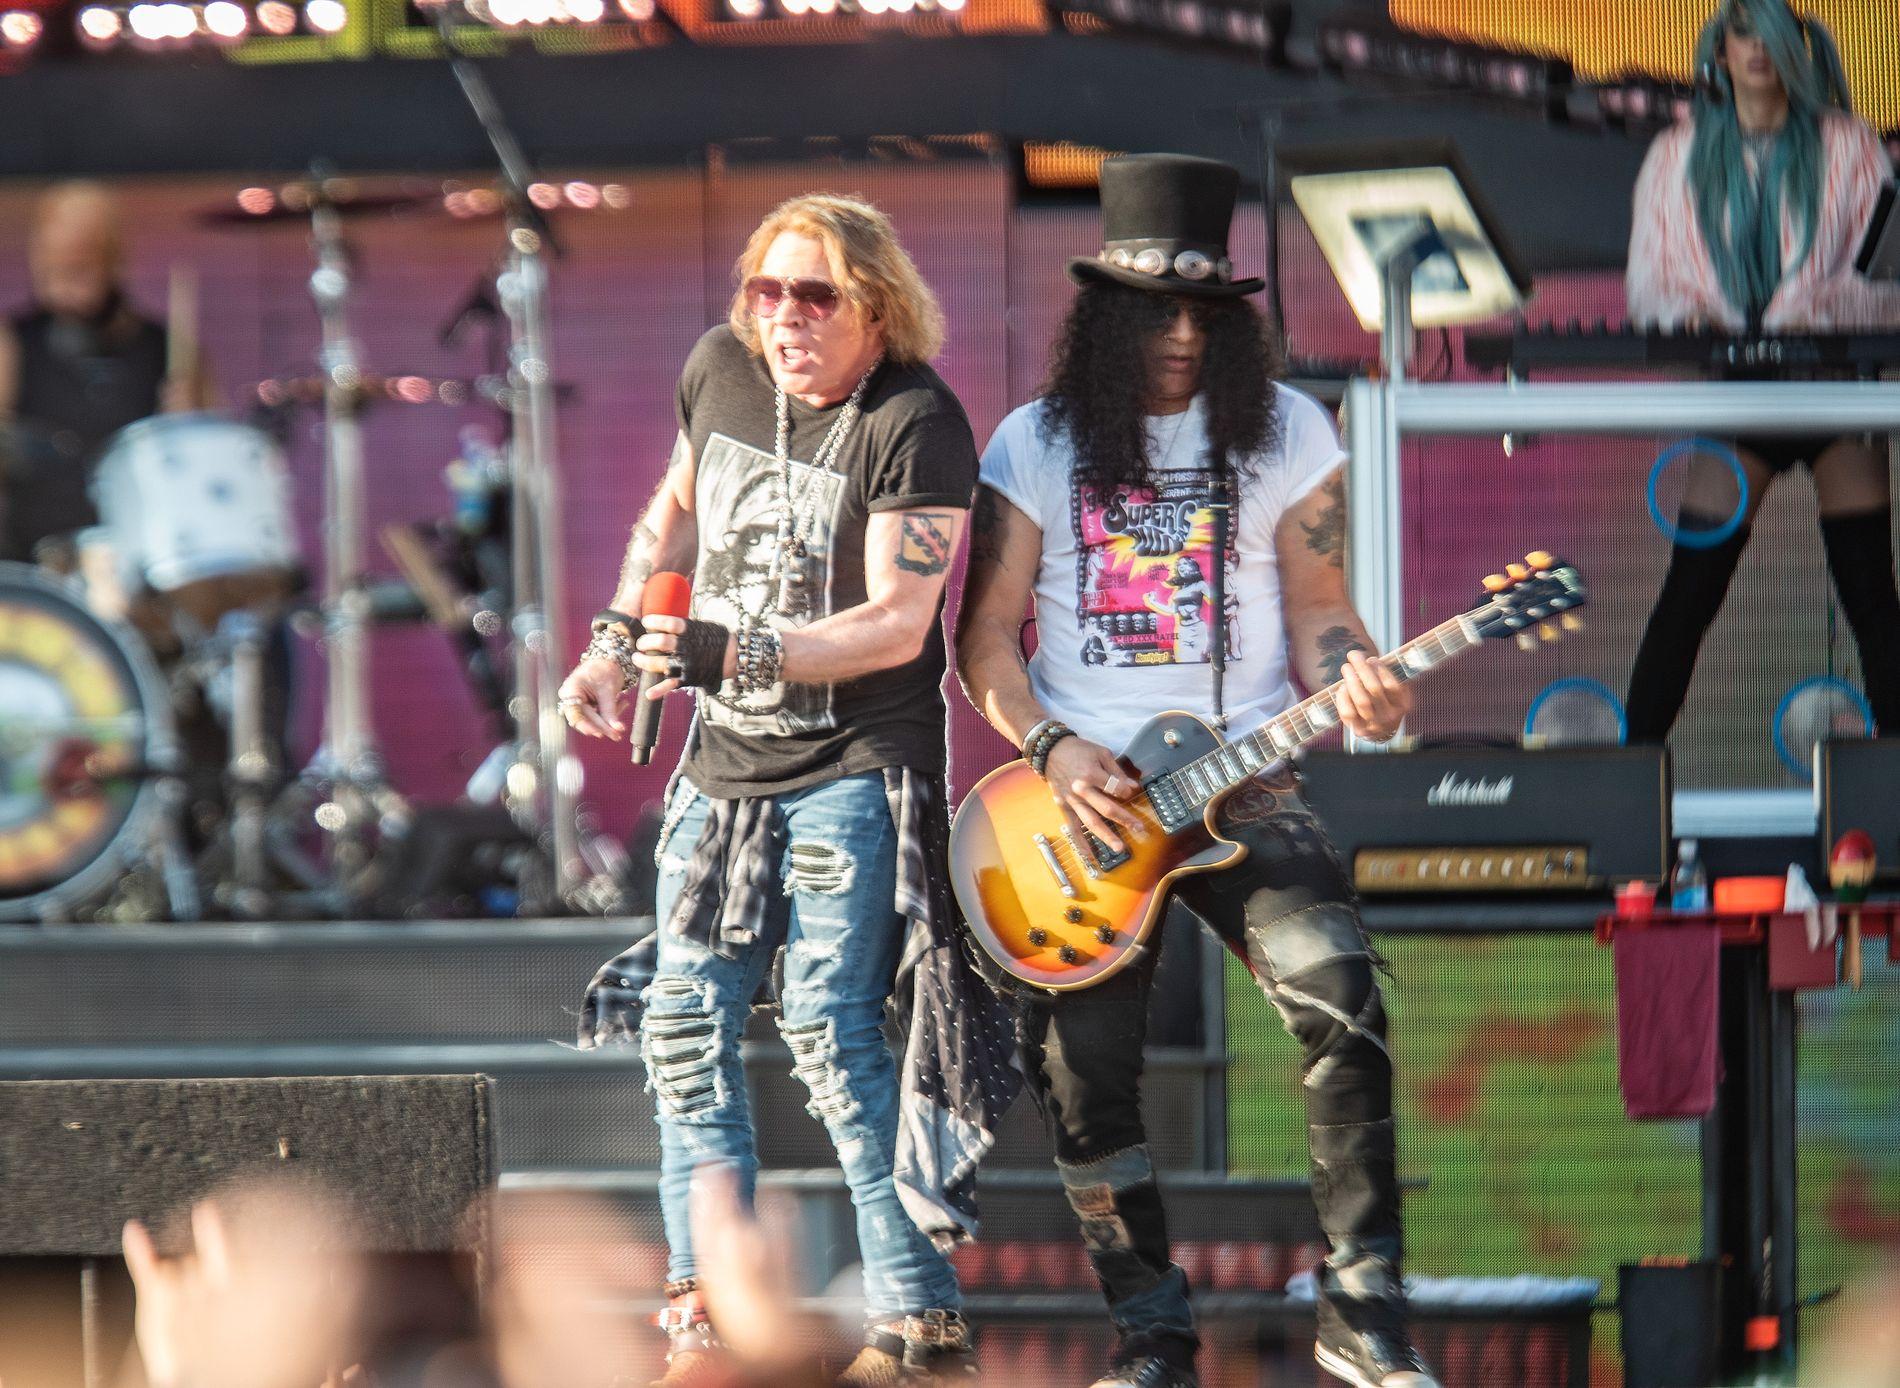 UTSOLGT: Guns N' Roses spilte for en smekkfull stadion da de inntok Valle Hovin i Oslo for torsdagens konsert.